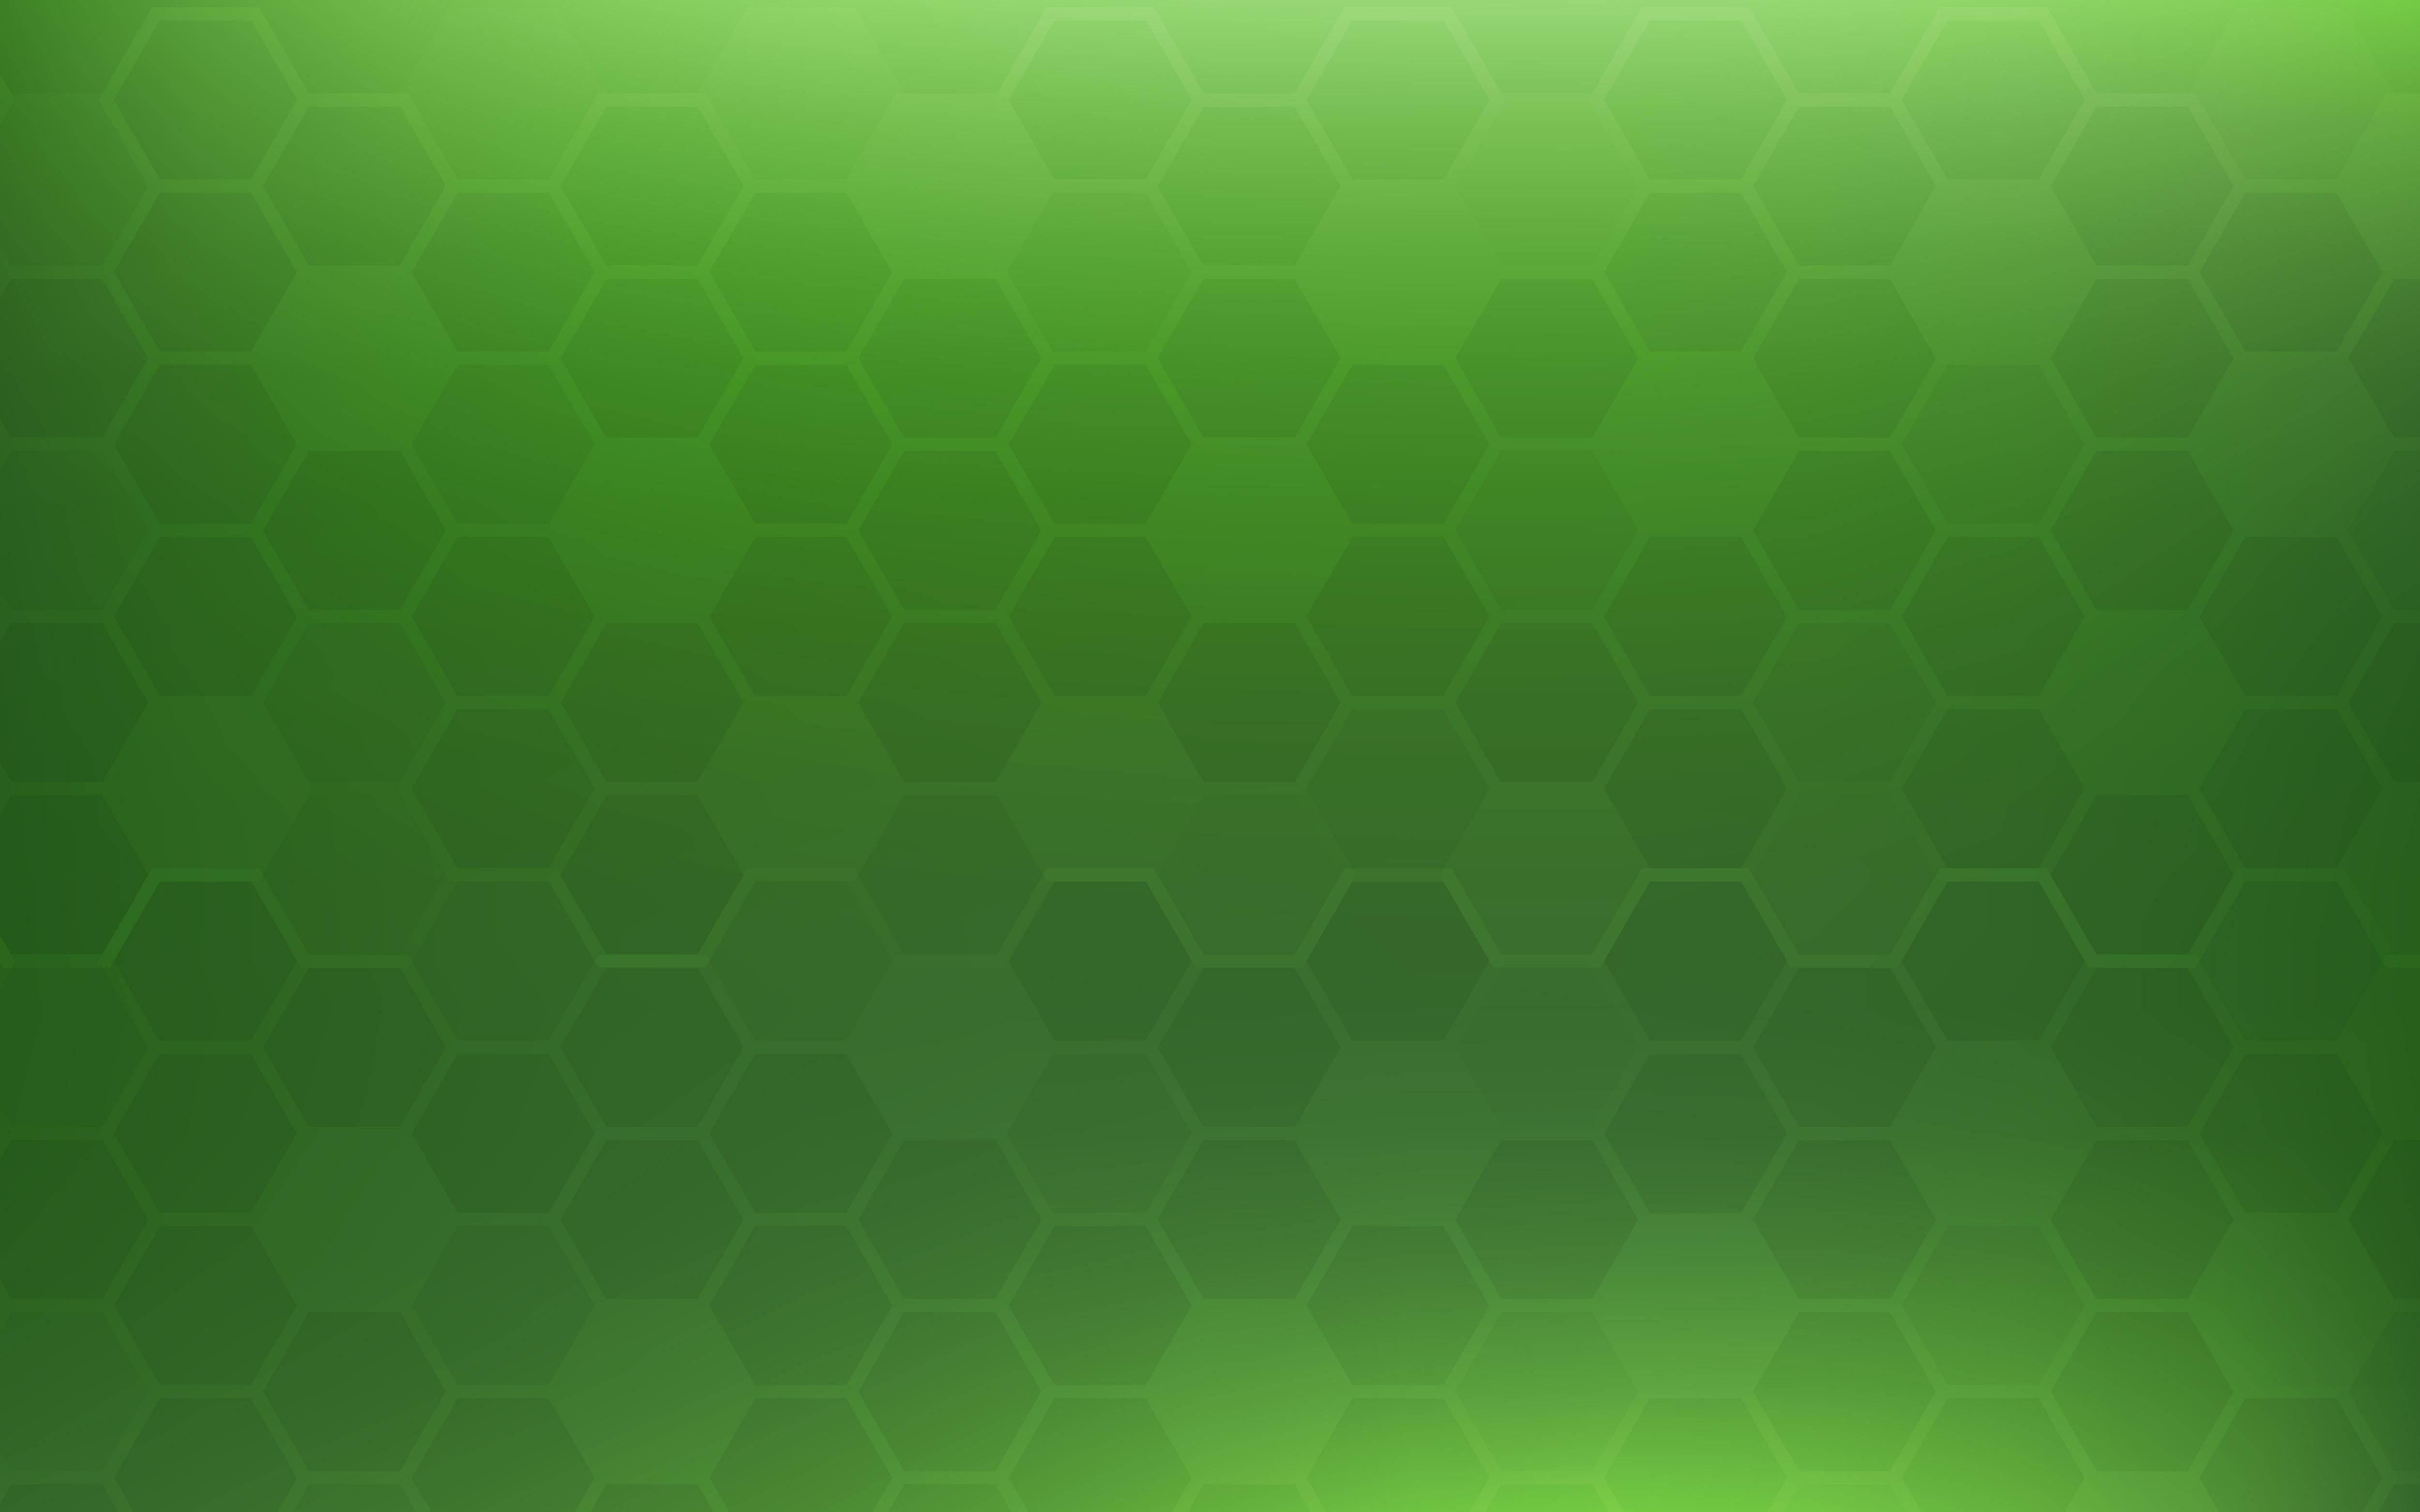 Best 40+ Green Acres Wallpaper on HipWallpaper | Sweet Apple Acres ... | 3125x5000